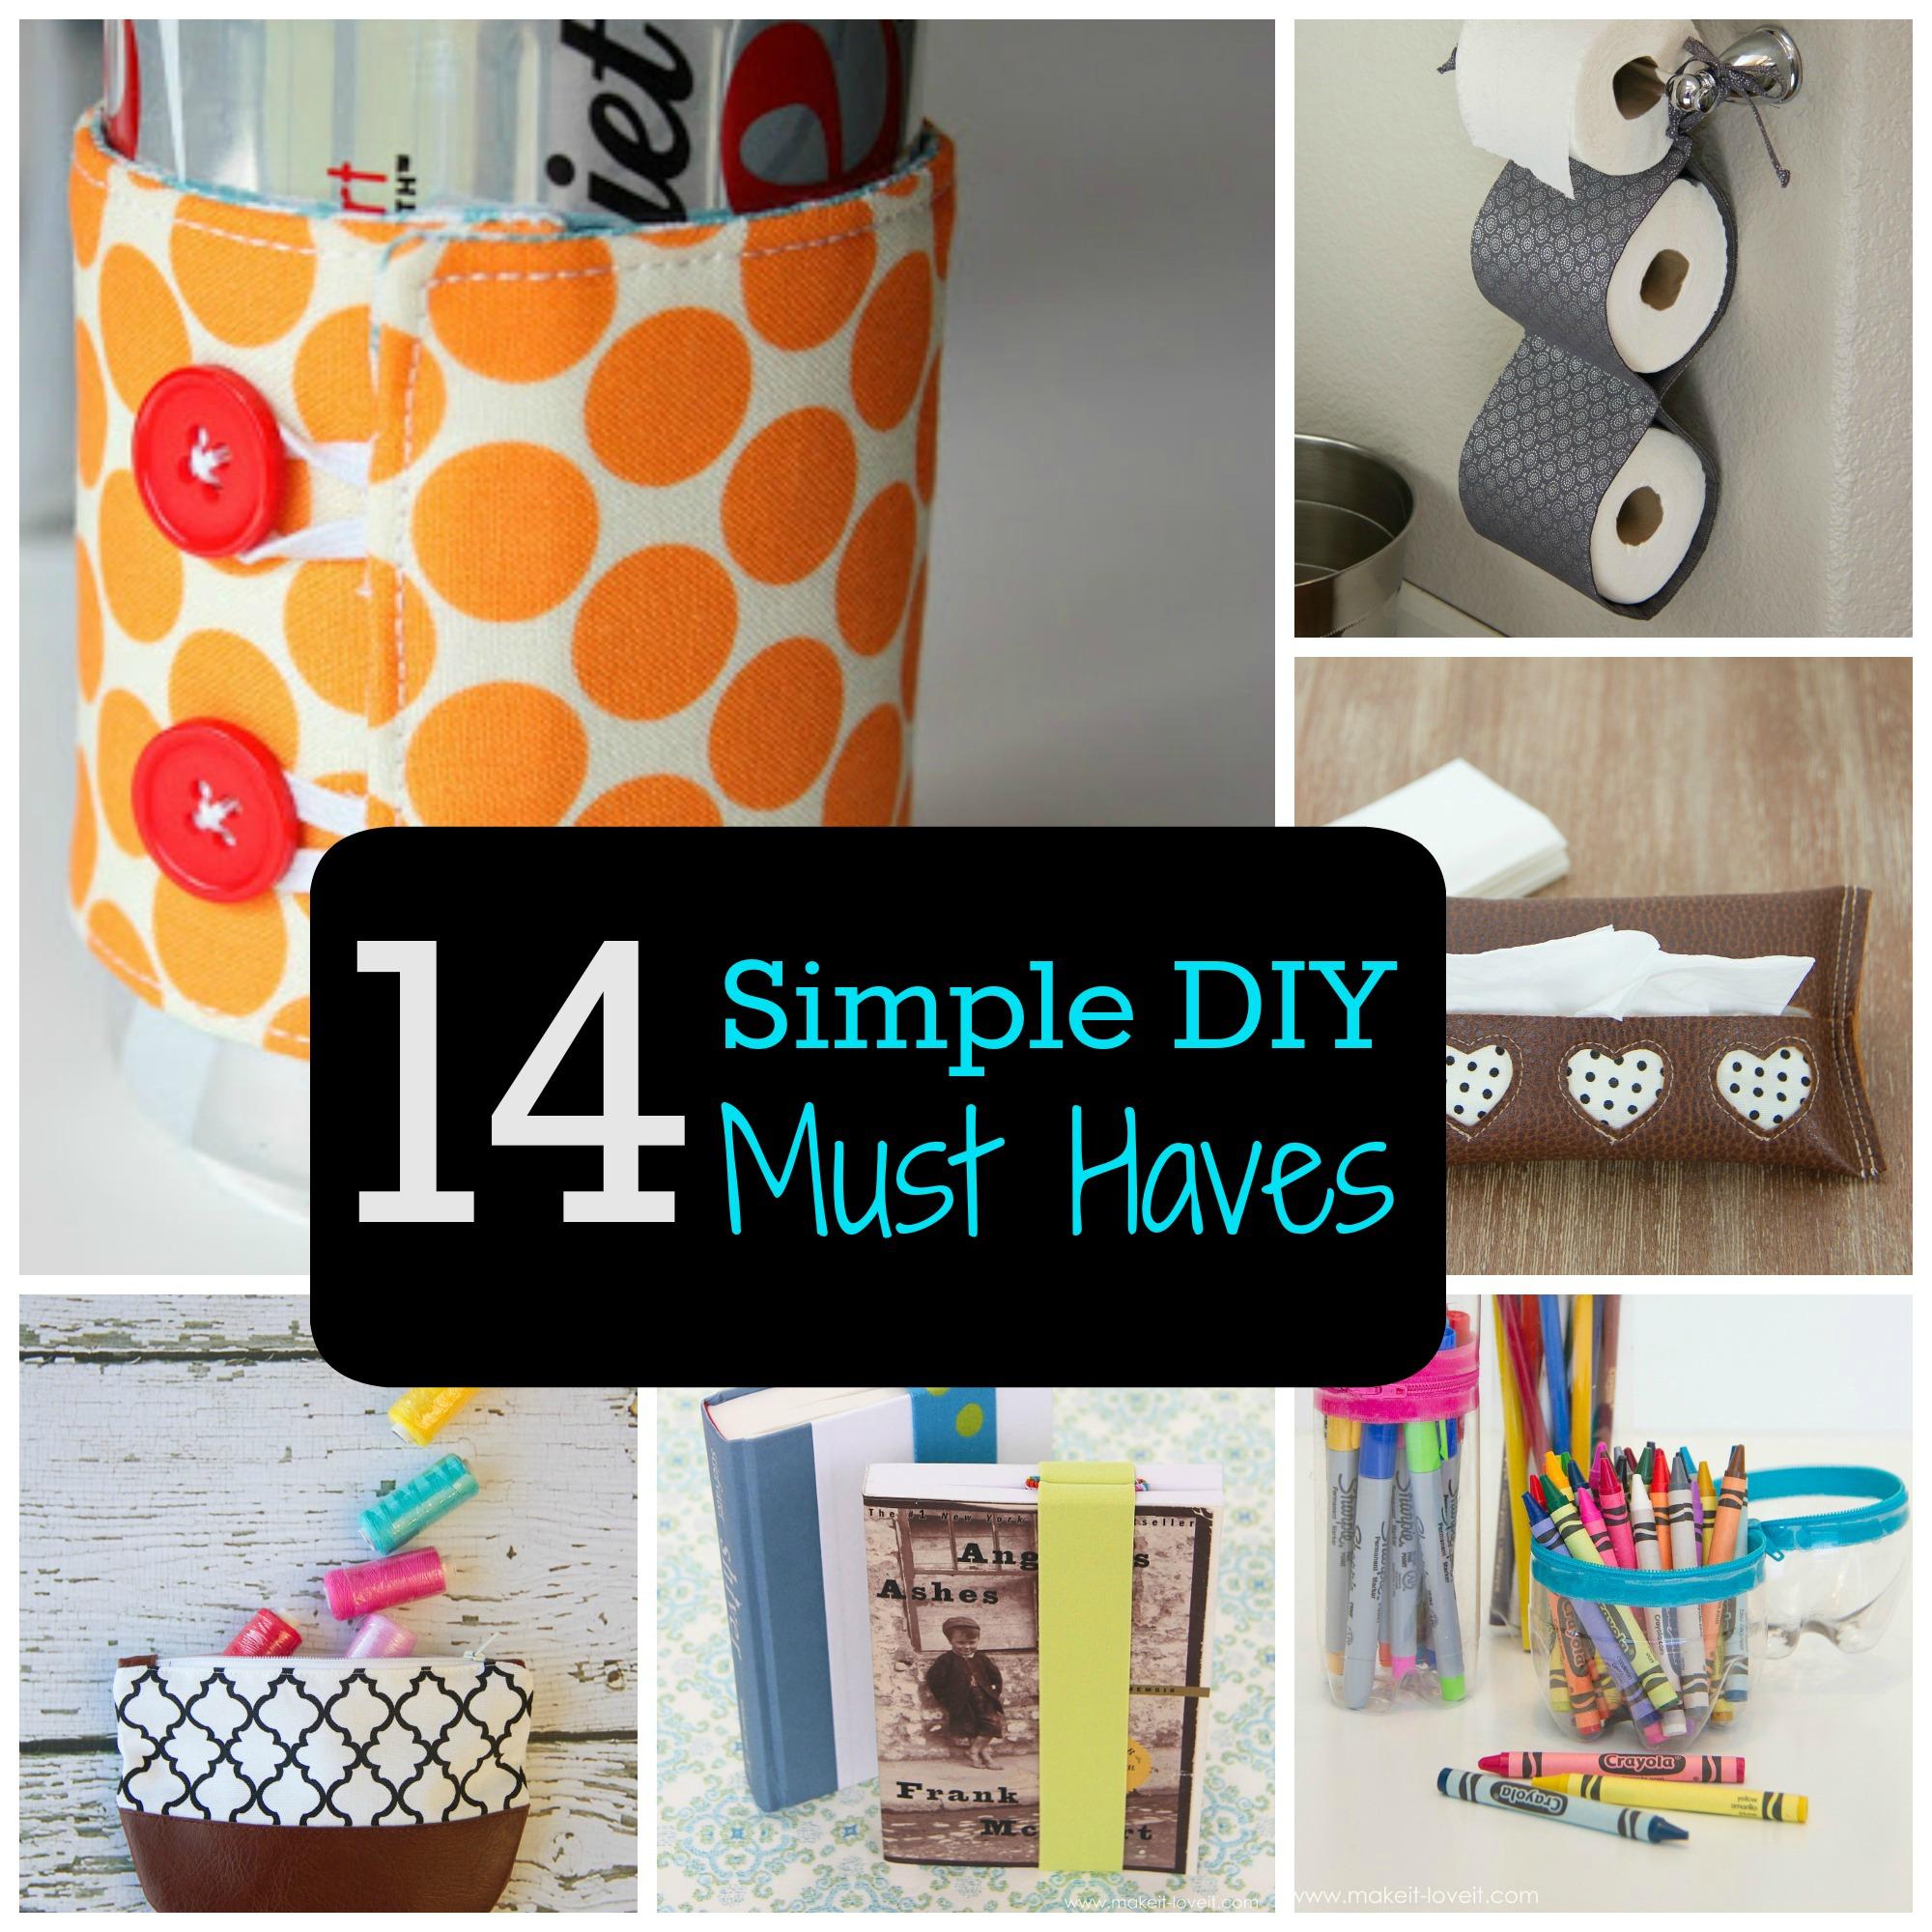 14 simple diy must haves